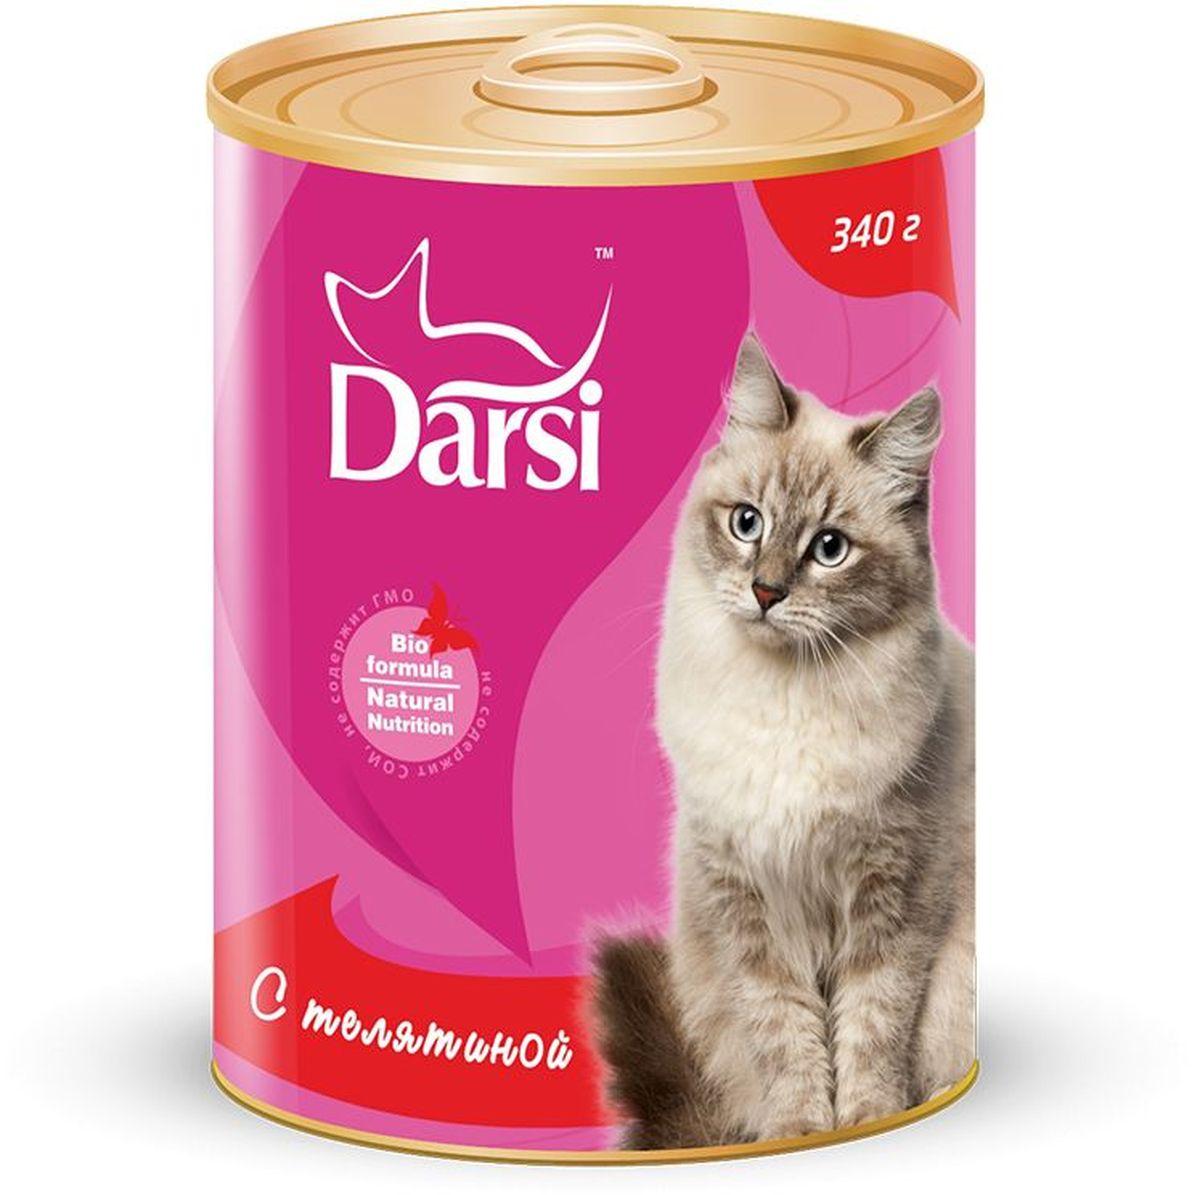 Консервы для кошек Darsi, с телятиной, 340 г. 92420120710Полнорационный консервированный корм для кошек в виде фарша.